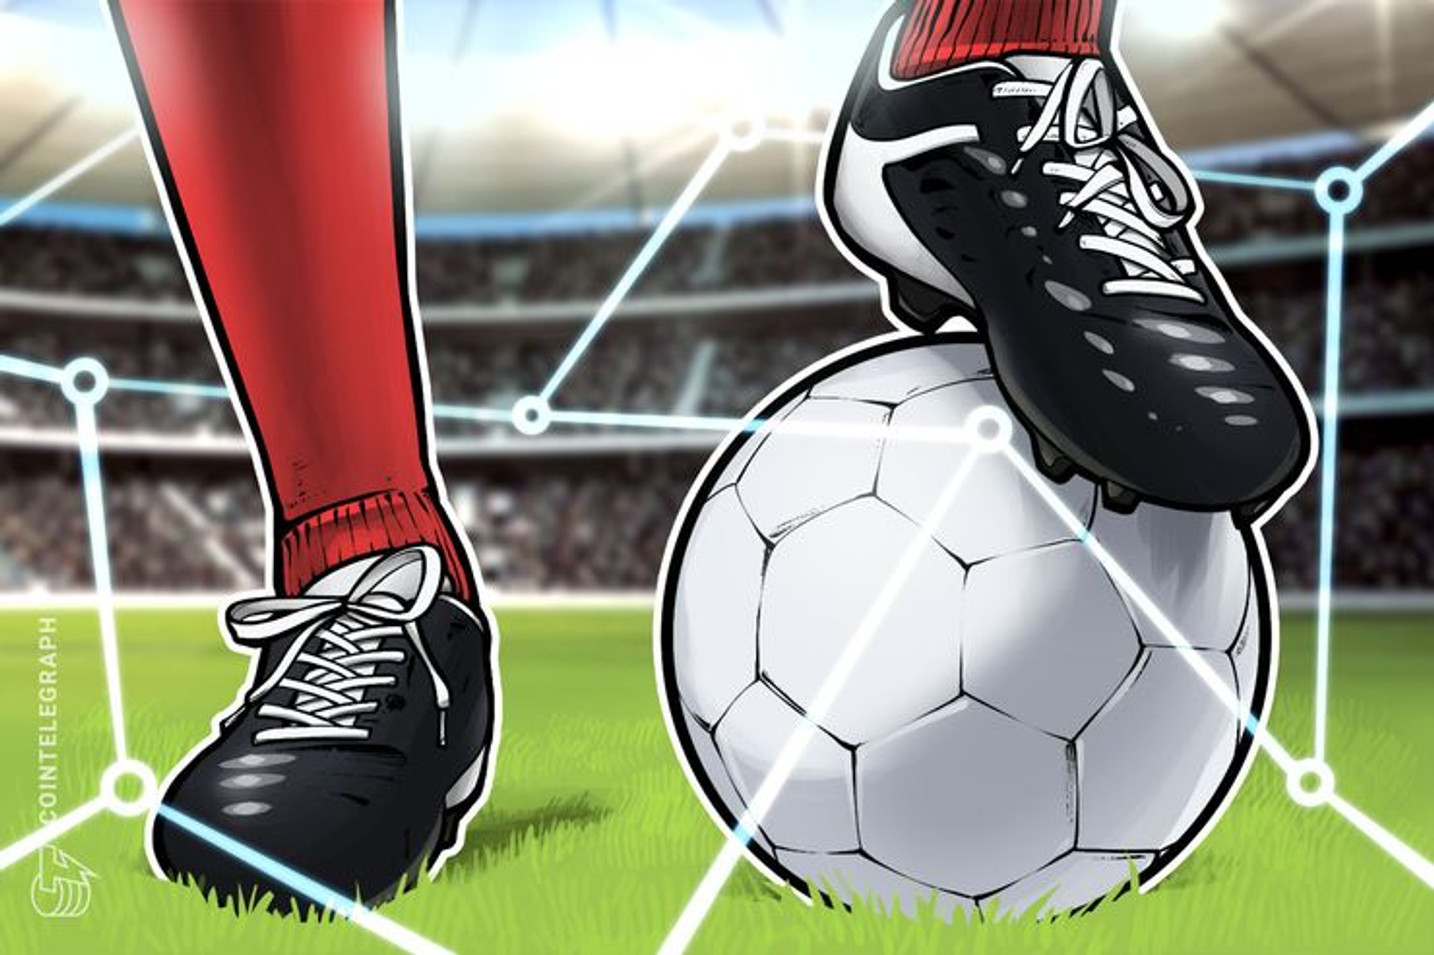 Extendieron la convocatoria para el torneo de FIFA 2020 que organiza Bitso